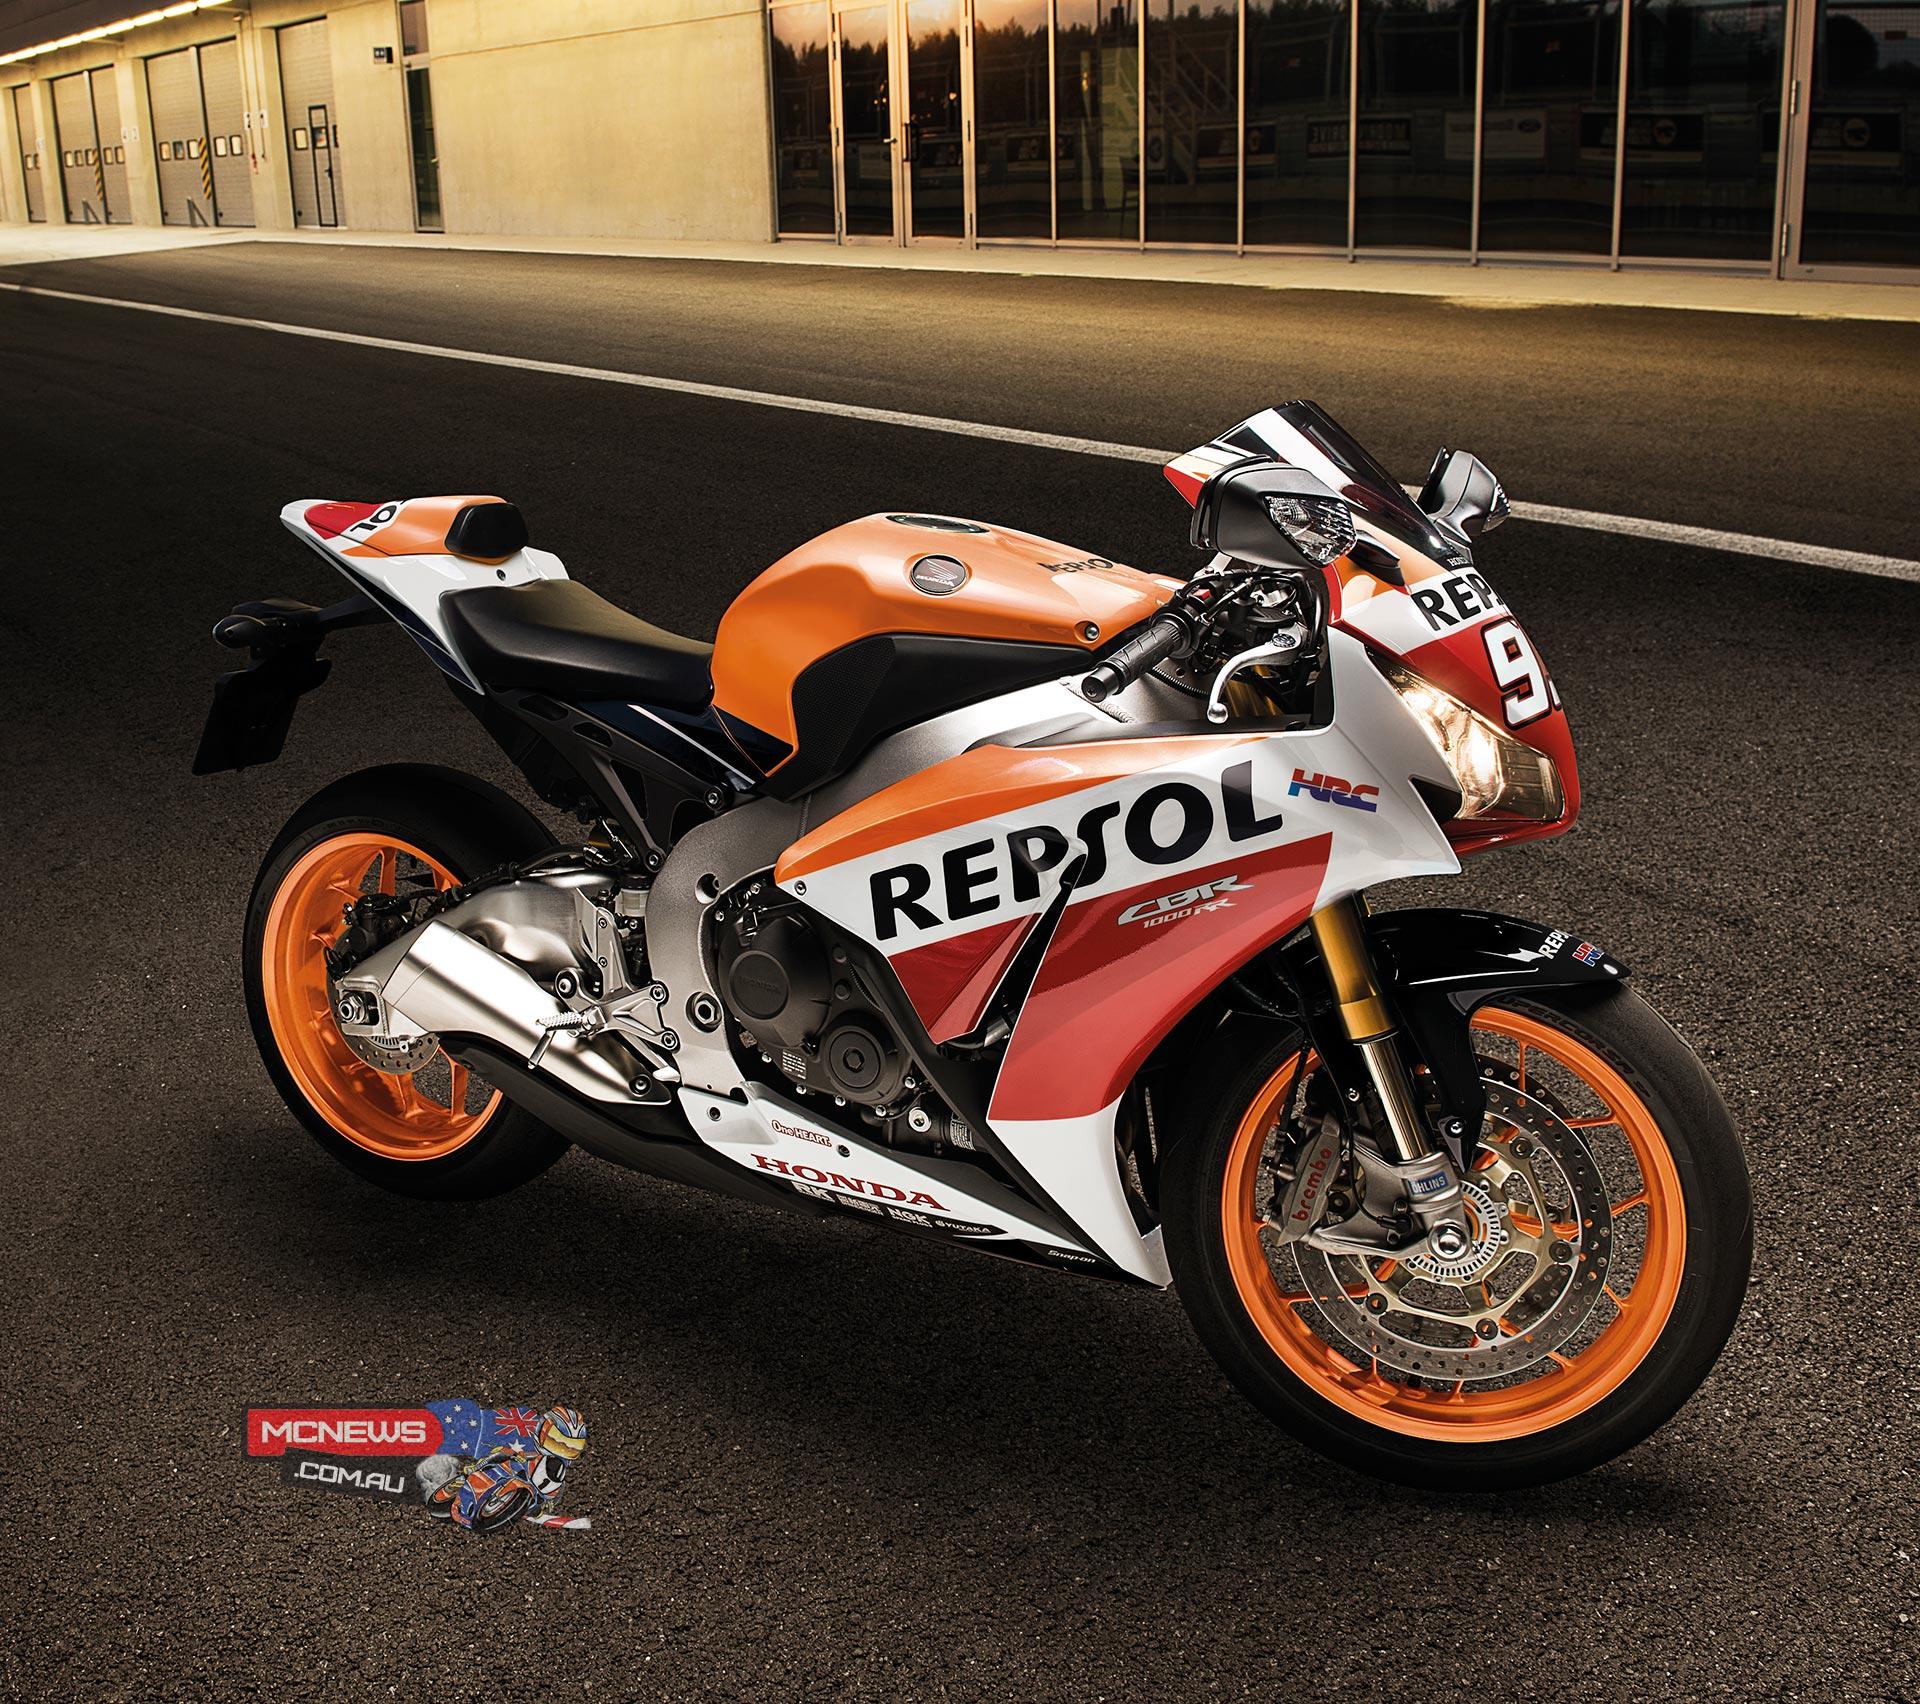 Marc Marquez Repsol Replica 2015 Honda CBR1000RR Fireblade SP